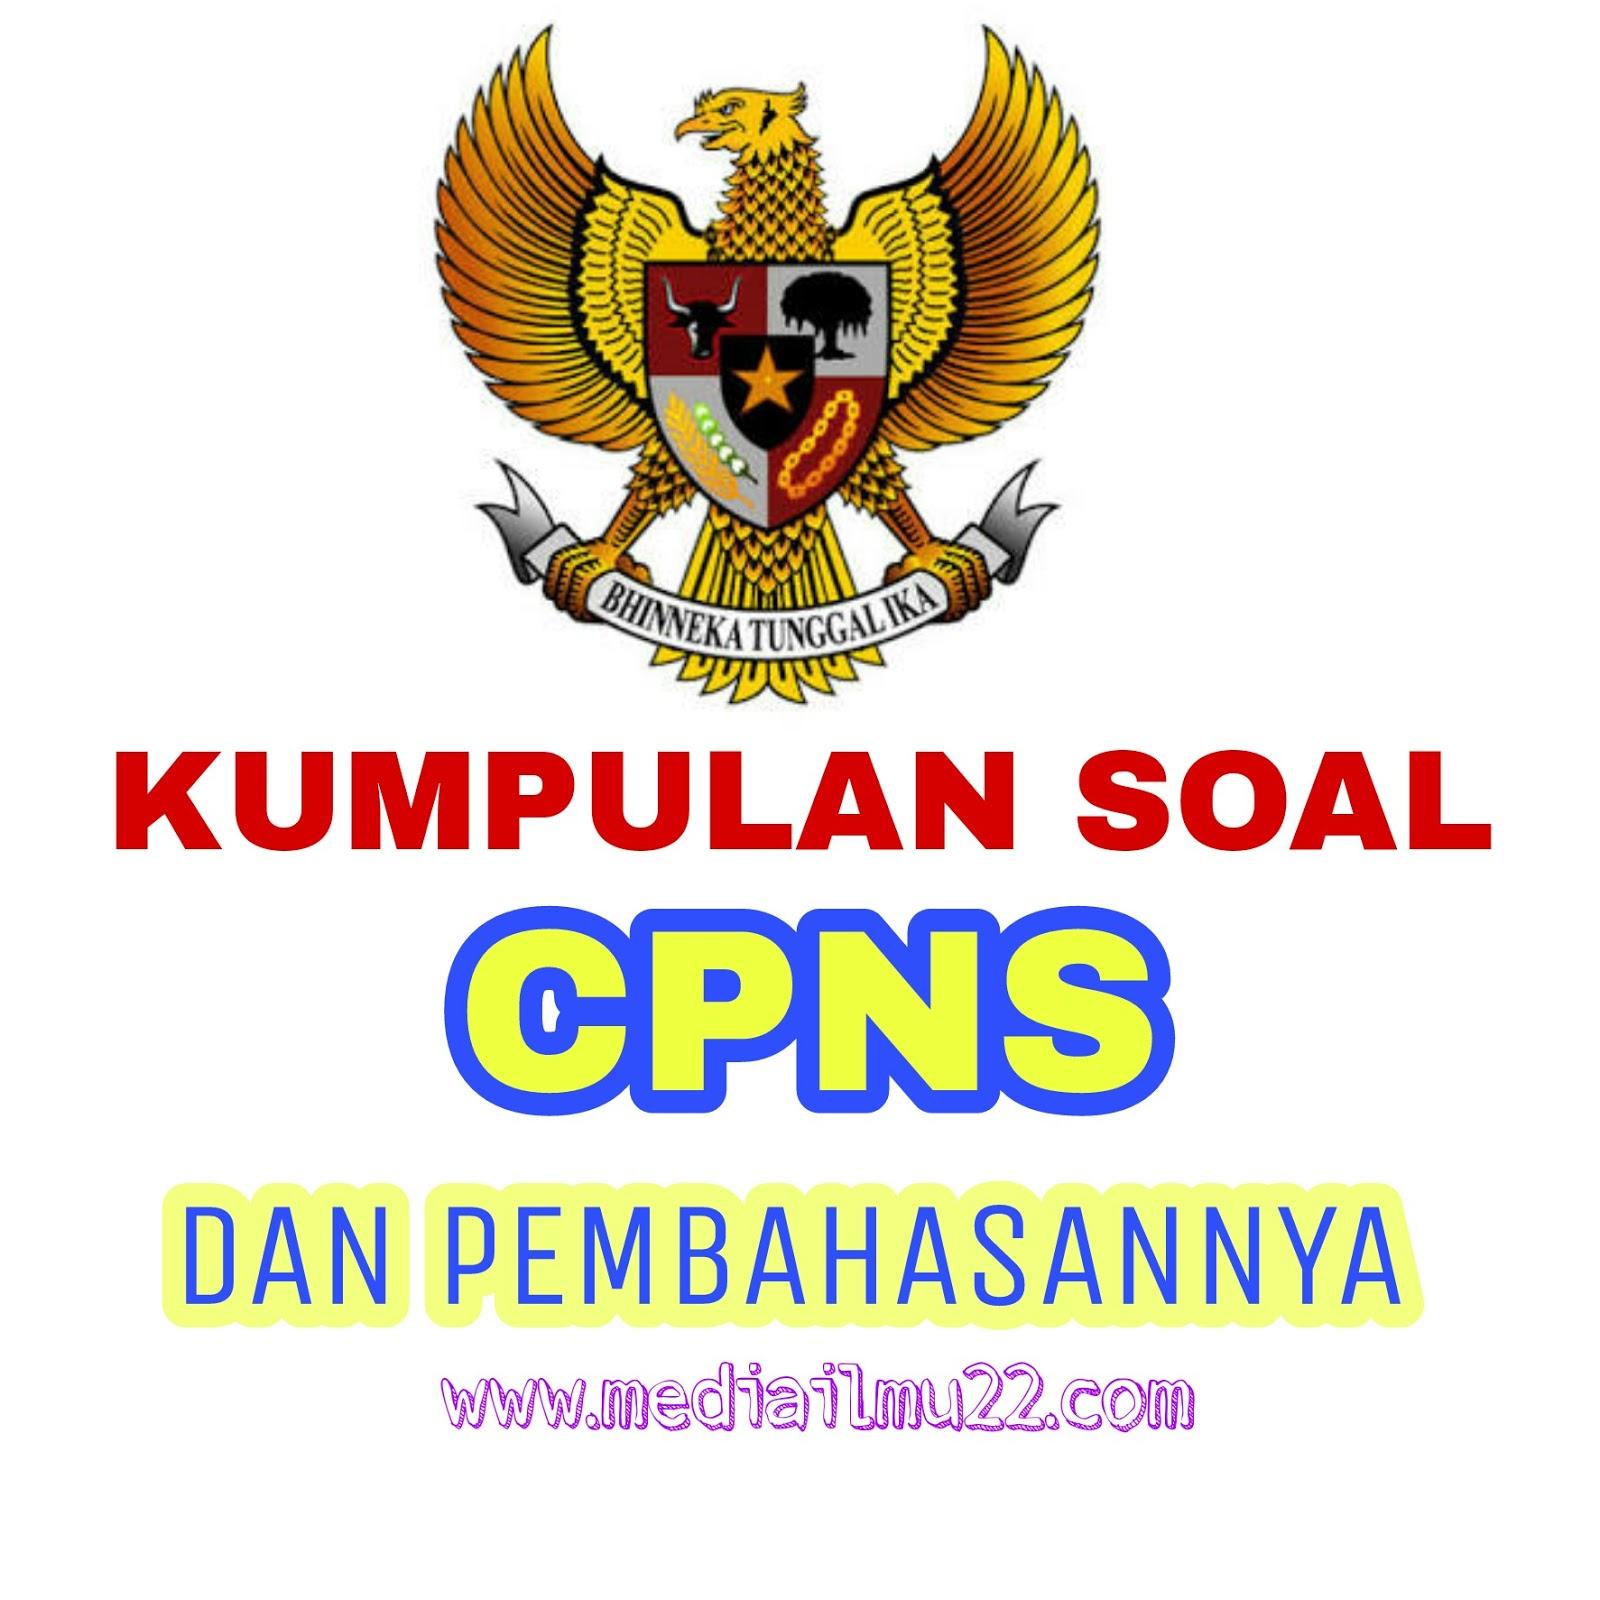 Soal Cpns Dan Pembahasannya Pdf Free Download Mediailmu22